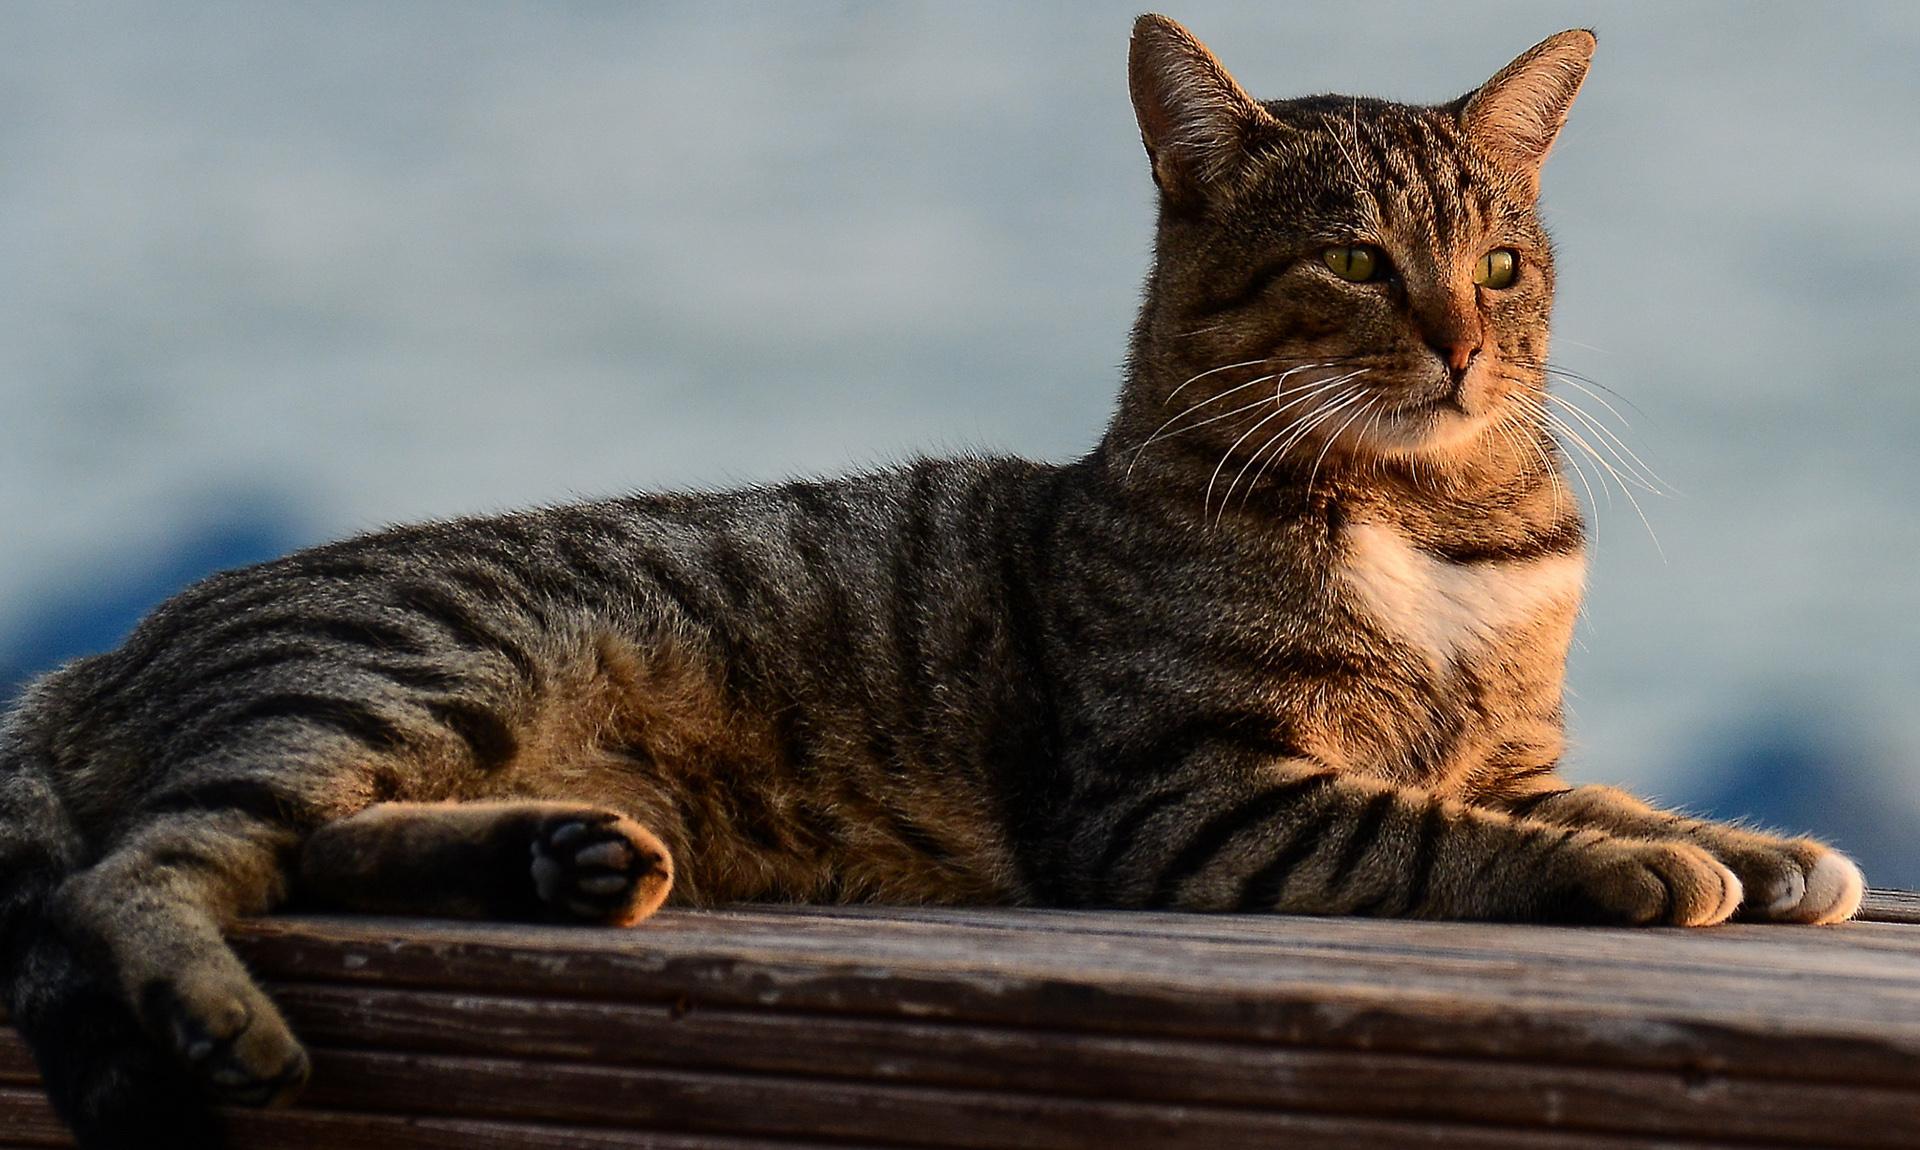 Egzotik kedi - senin büyüleyici favori